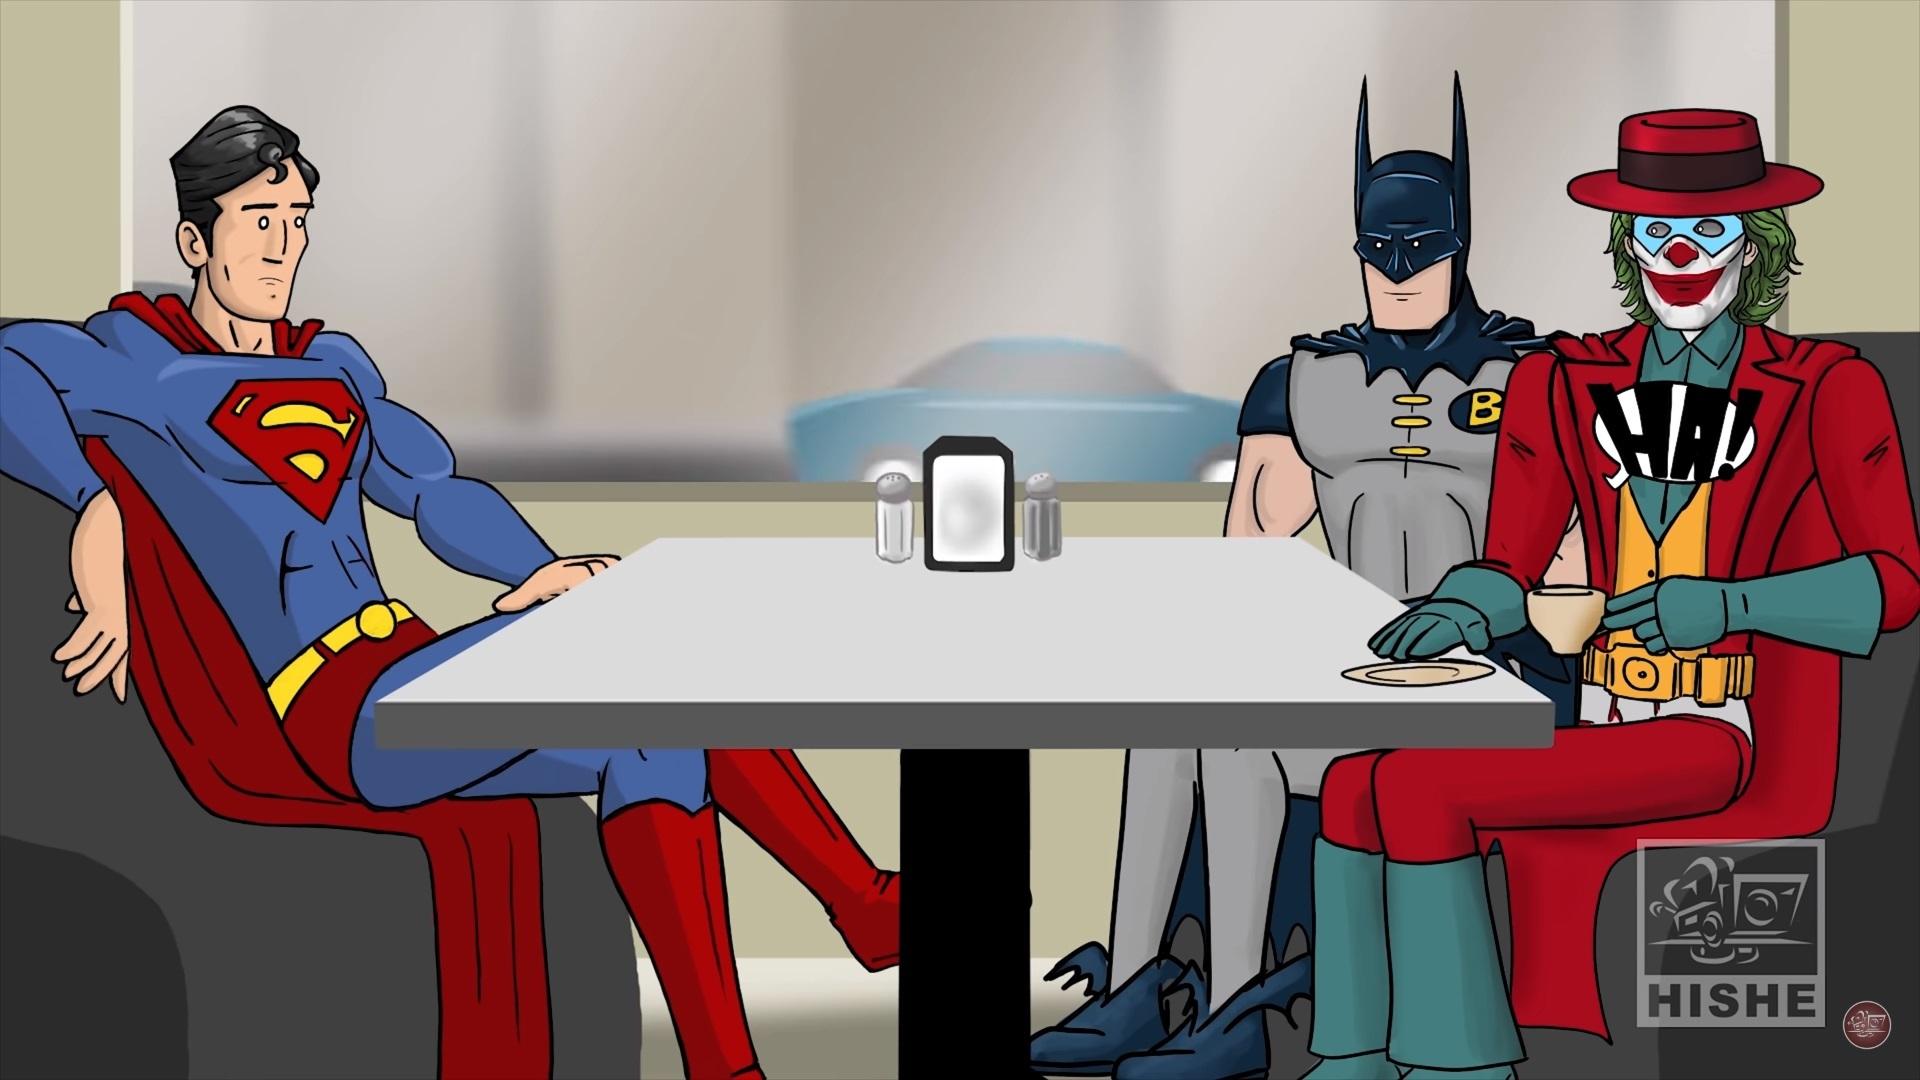 《小丑》的 HISHE 該如何完結影片公開:收蝙蝠俠當跟班成為高譚市的新守護者!?